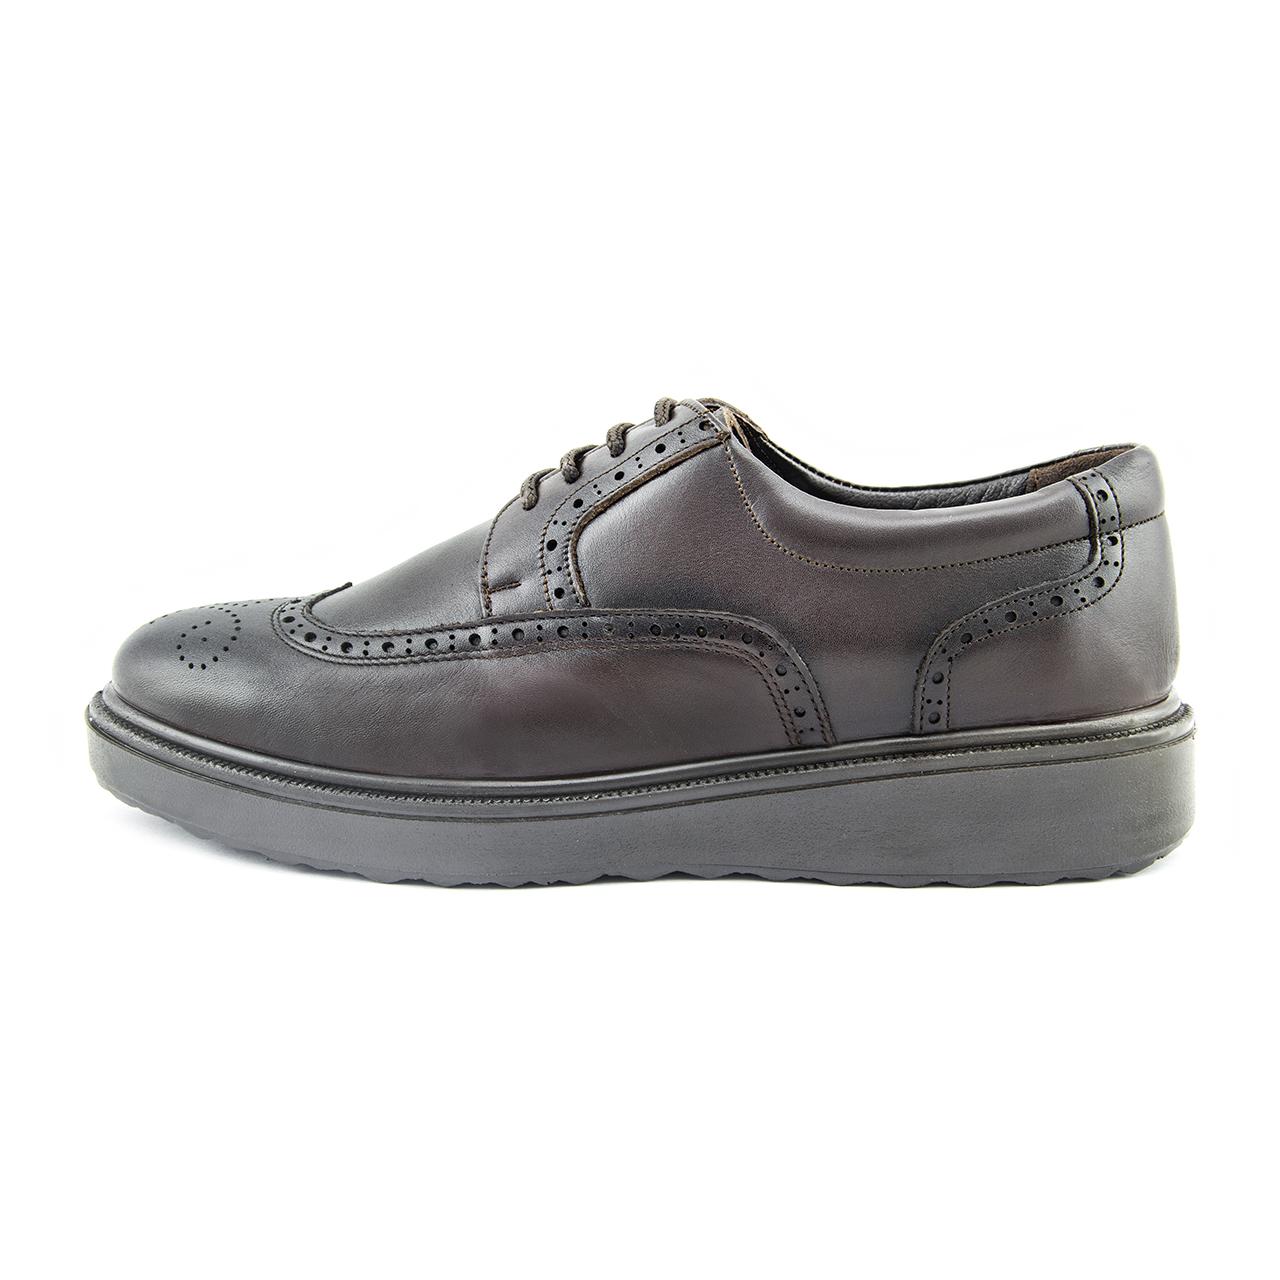 کفش مردانه آفاق کد 831